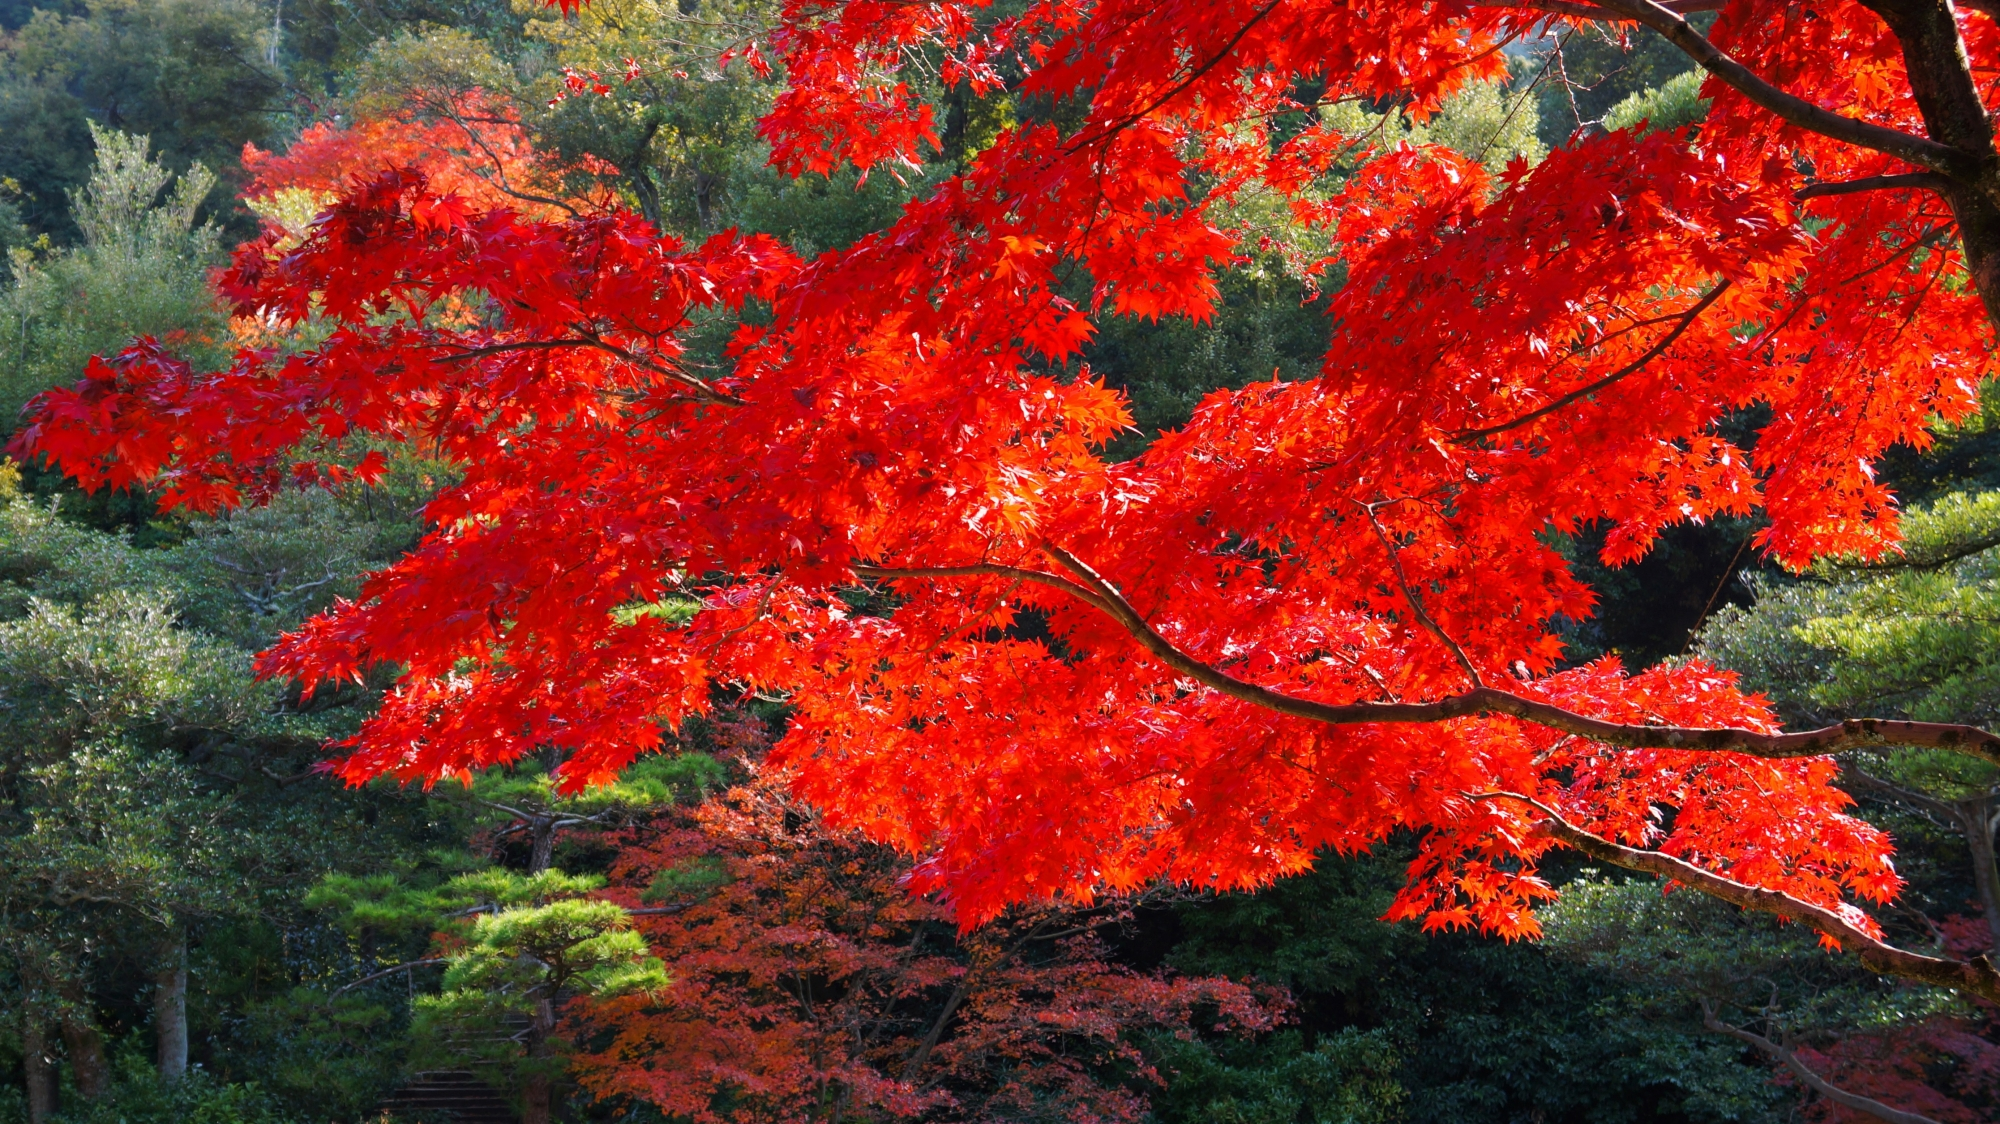 深い緑の中で光るような真赤に色づく圧倒的な紅葉